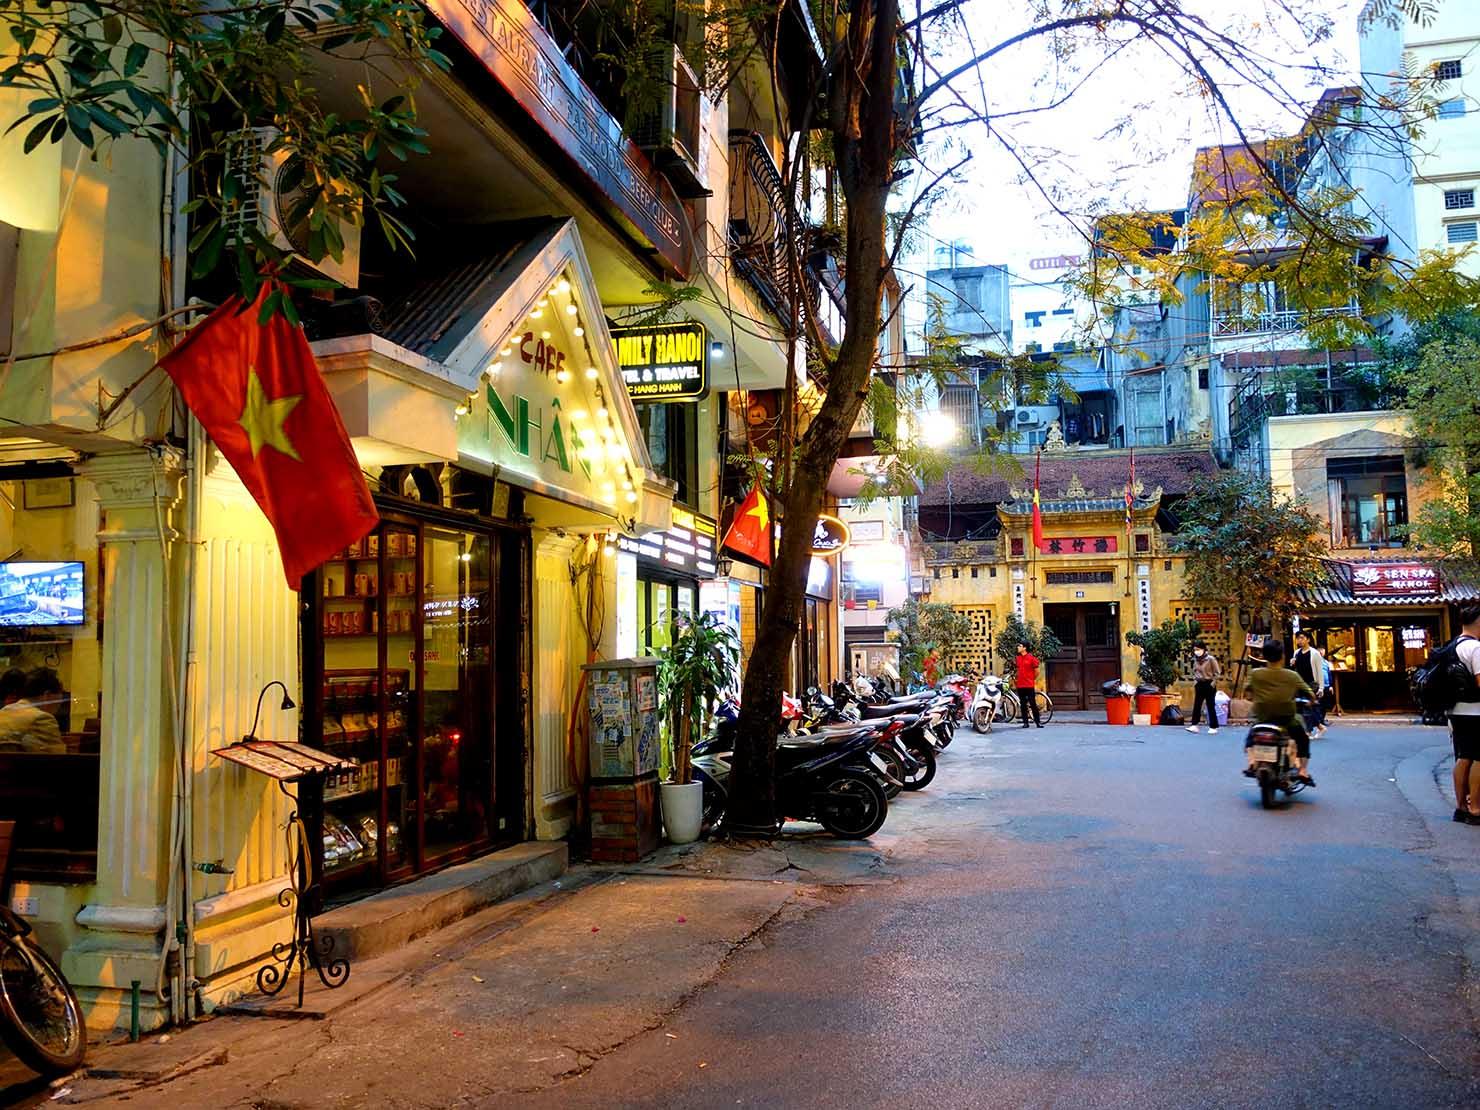 ベトナム・ハノイ旧市街のカフェのある街並み